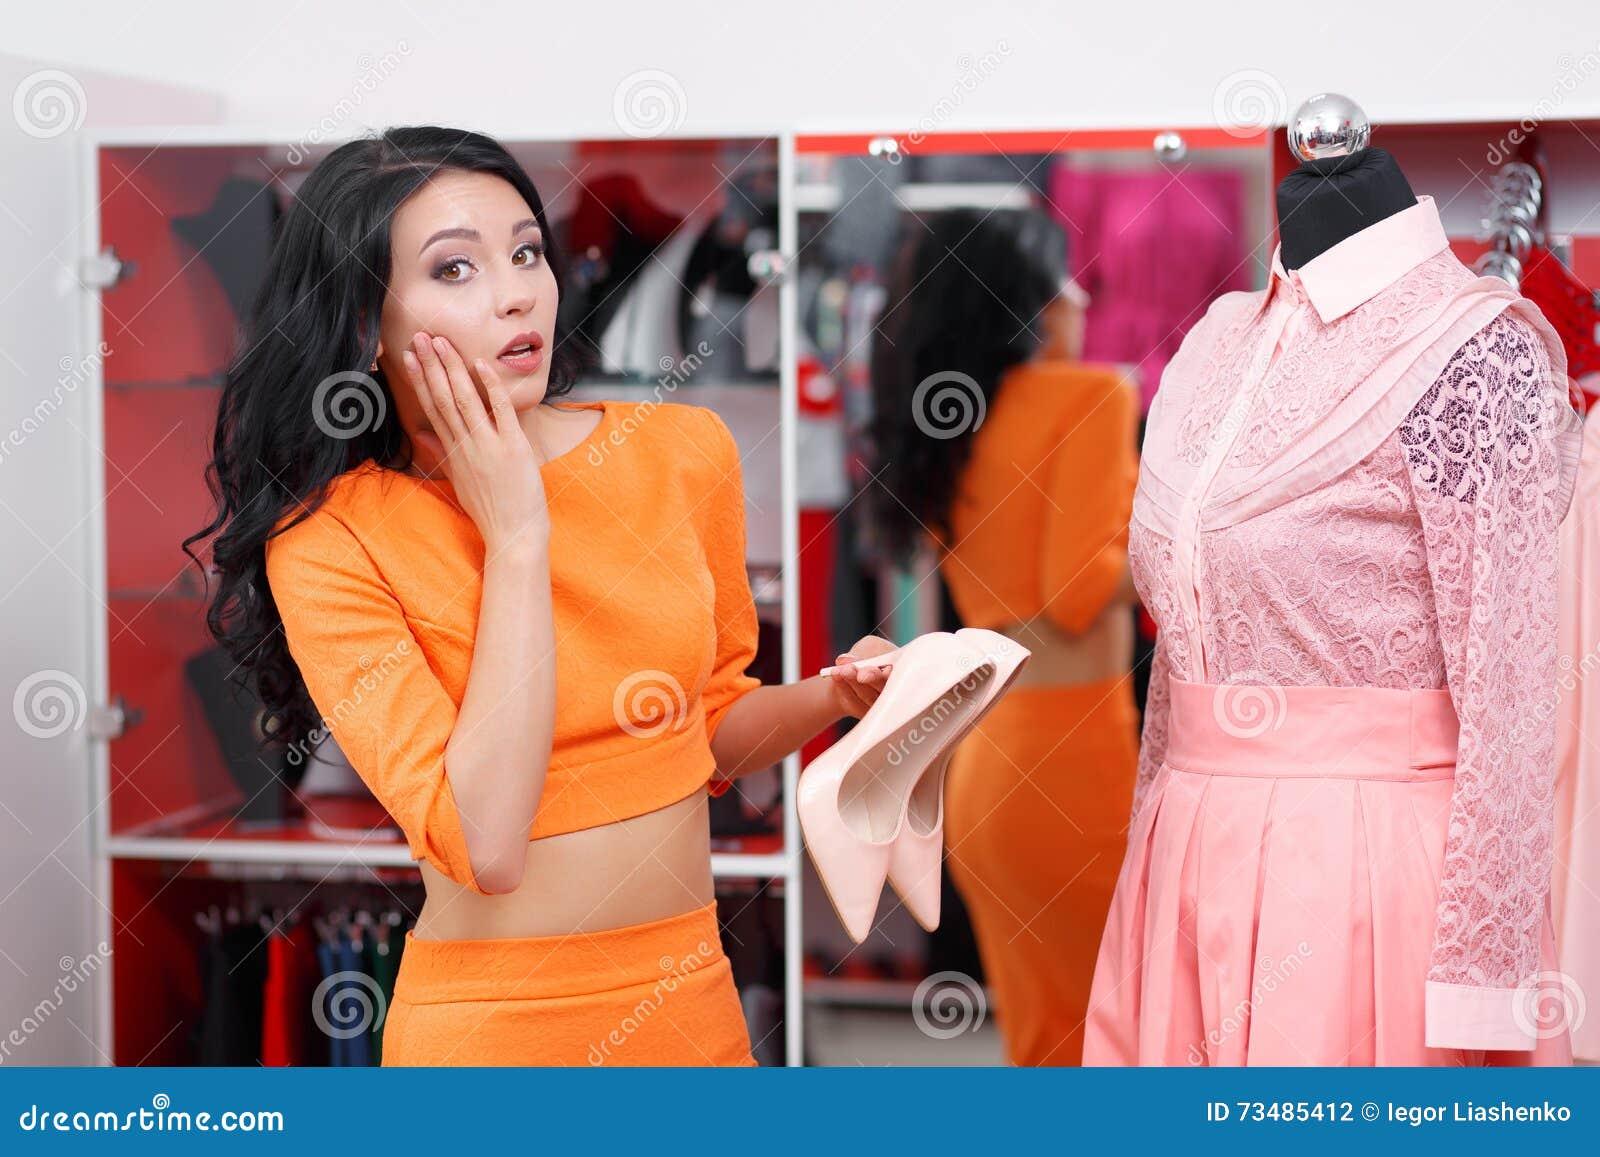 c60b21a1ea594 Young woman shopping in a clothing store. Caucasian shopper girl choosing  pink dress in shop during sale. Woman shopping for dress. Fashion shopping